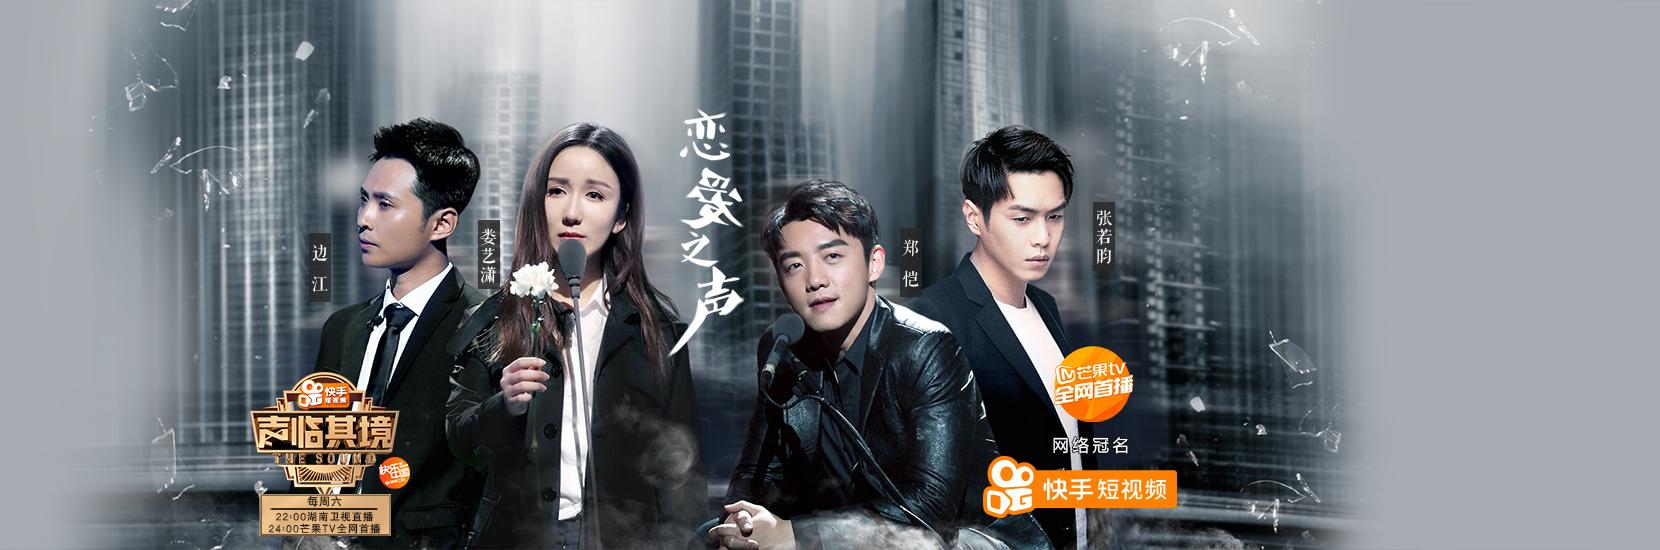 湖南卫视《让世界听见》